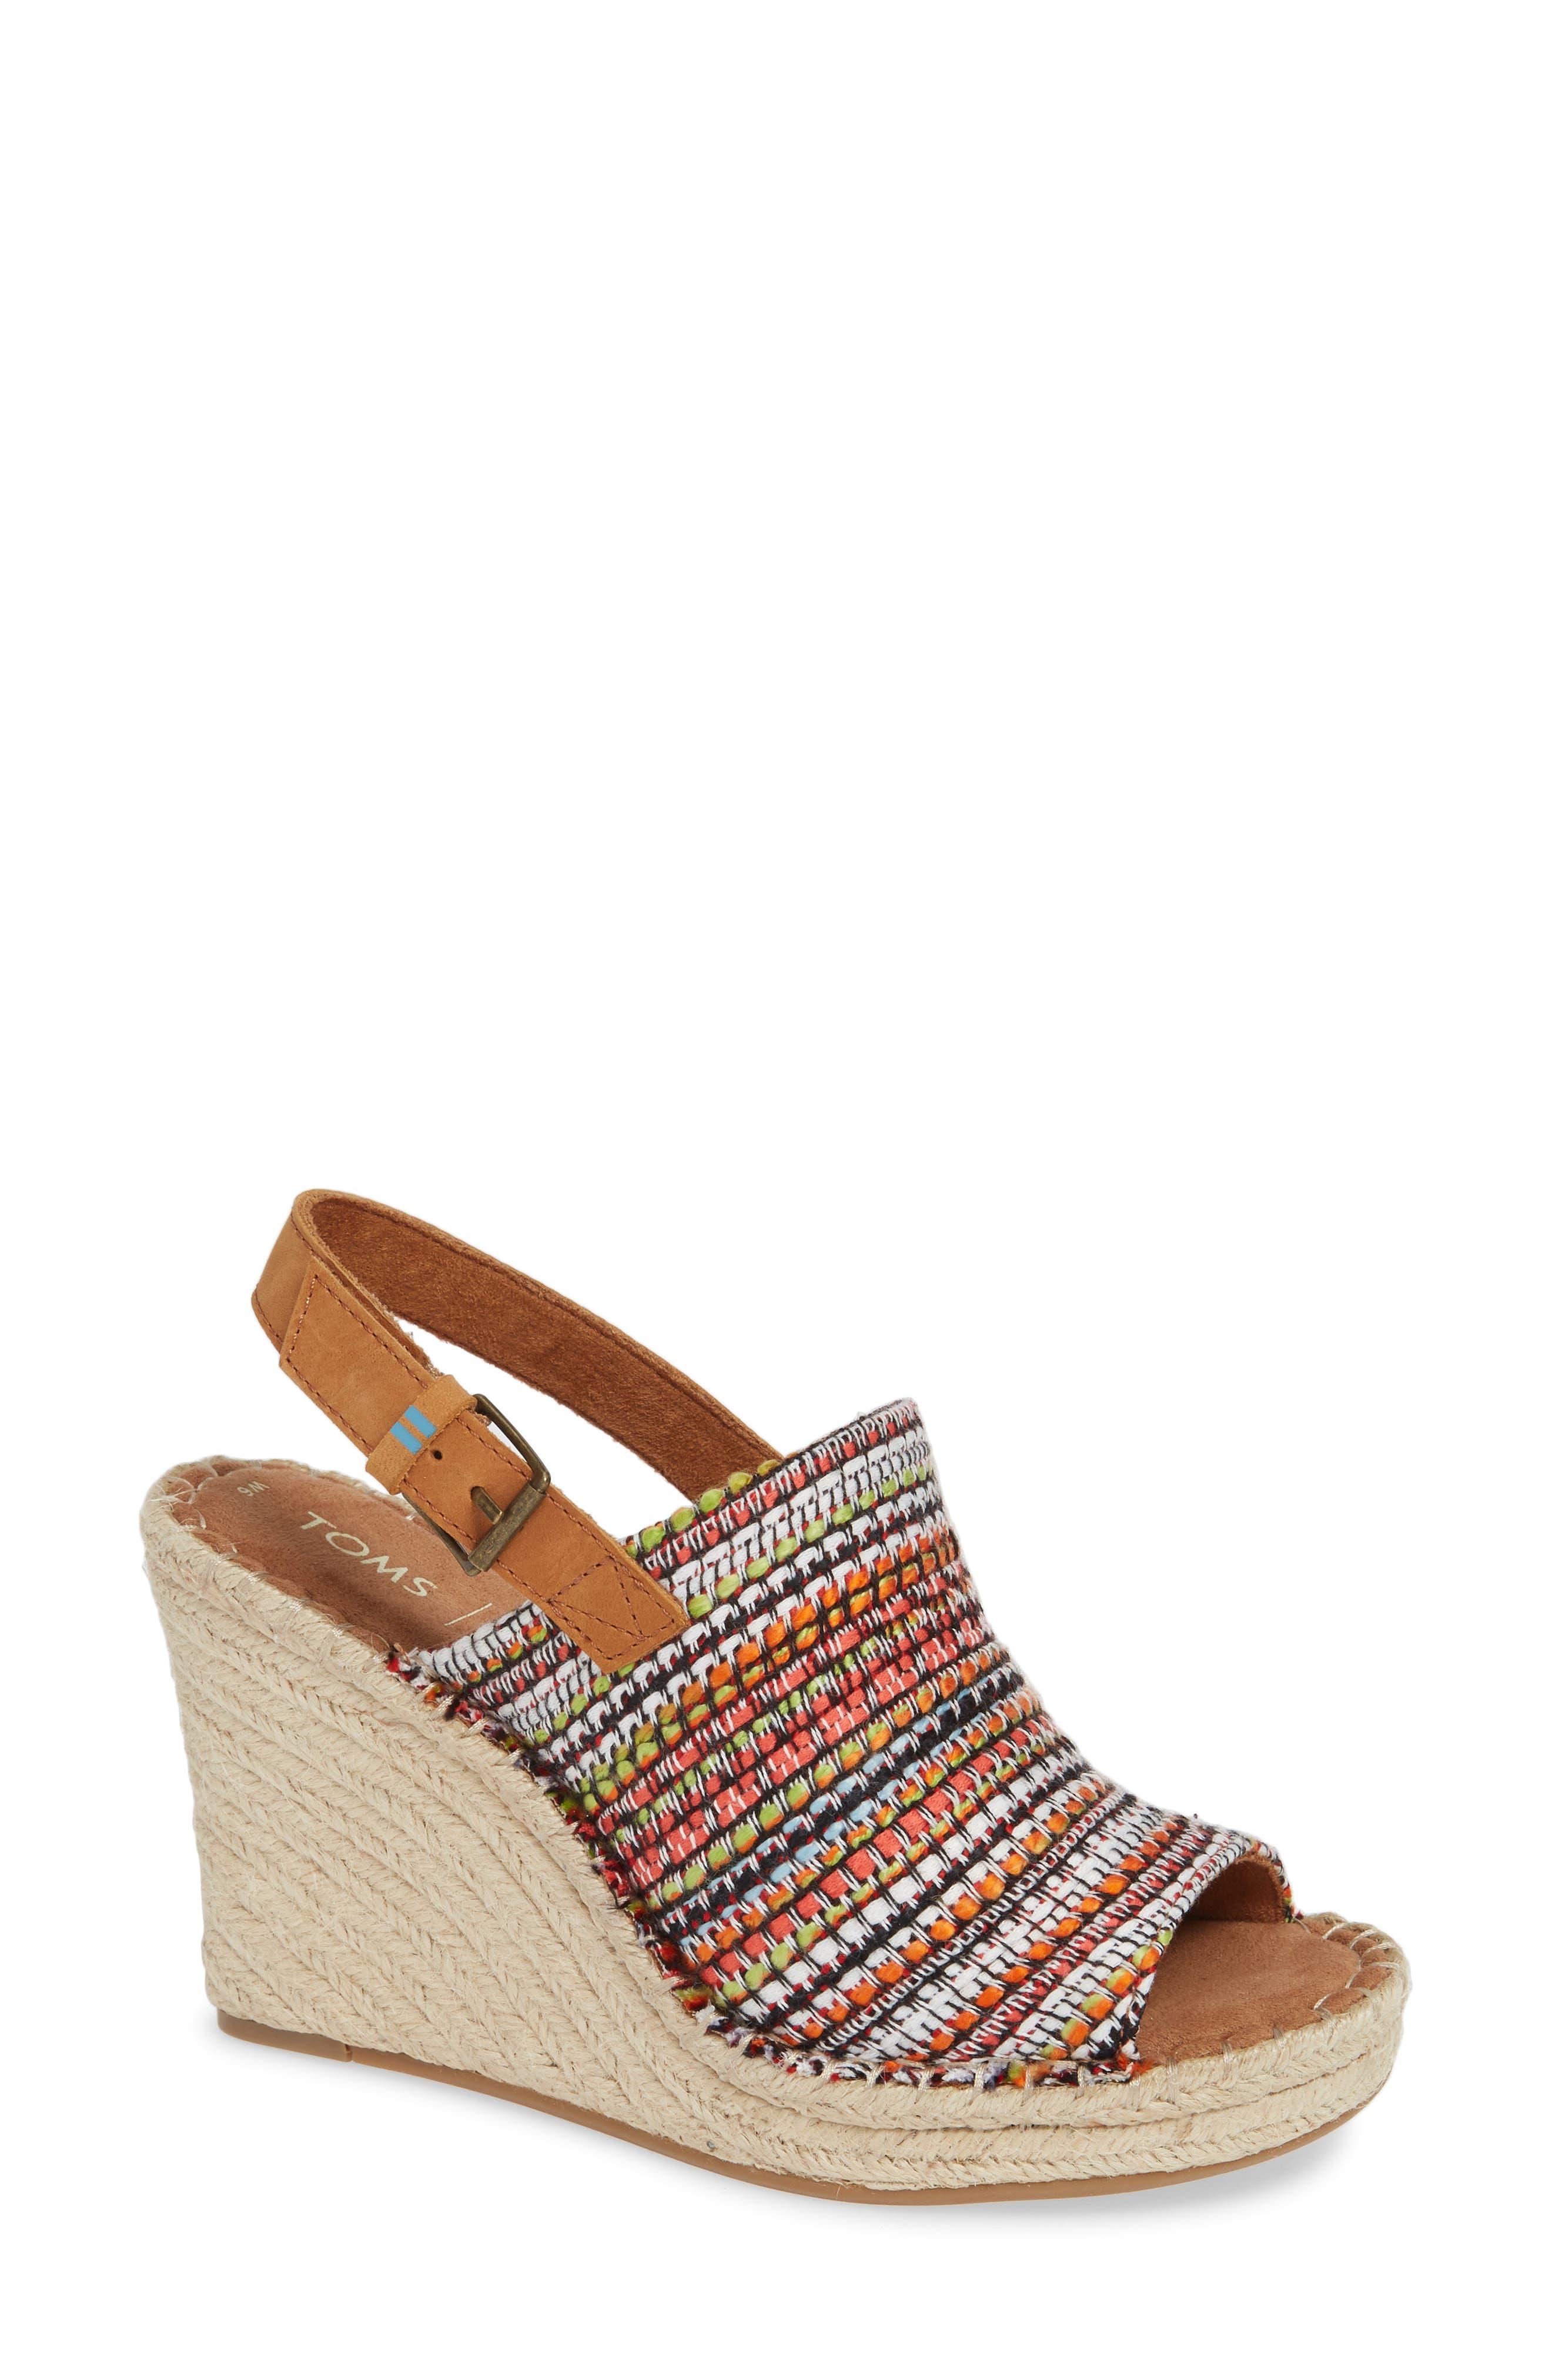 eae83ca48e06 TOMS Women s Sandals